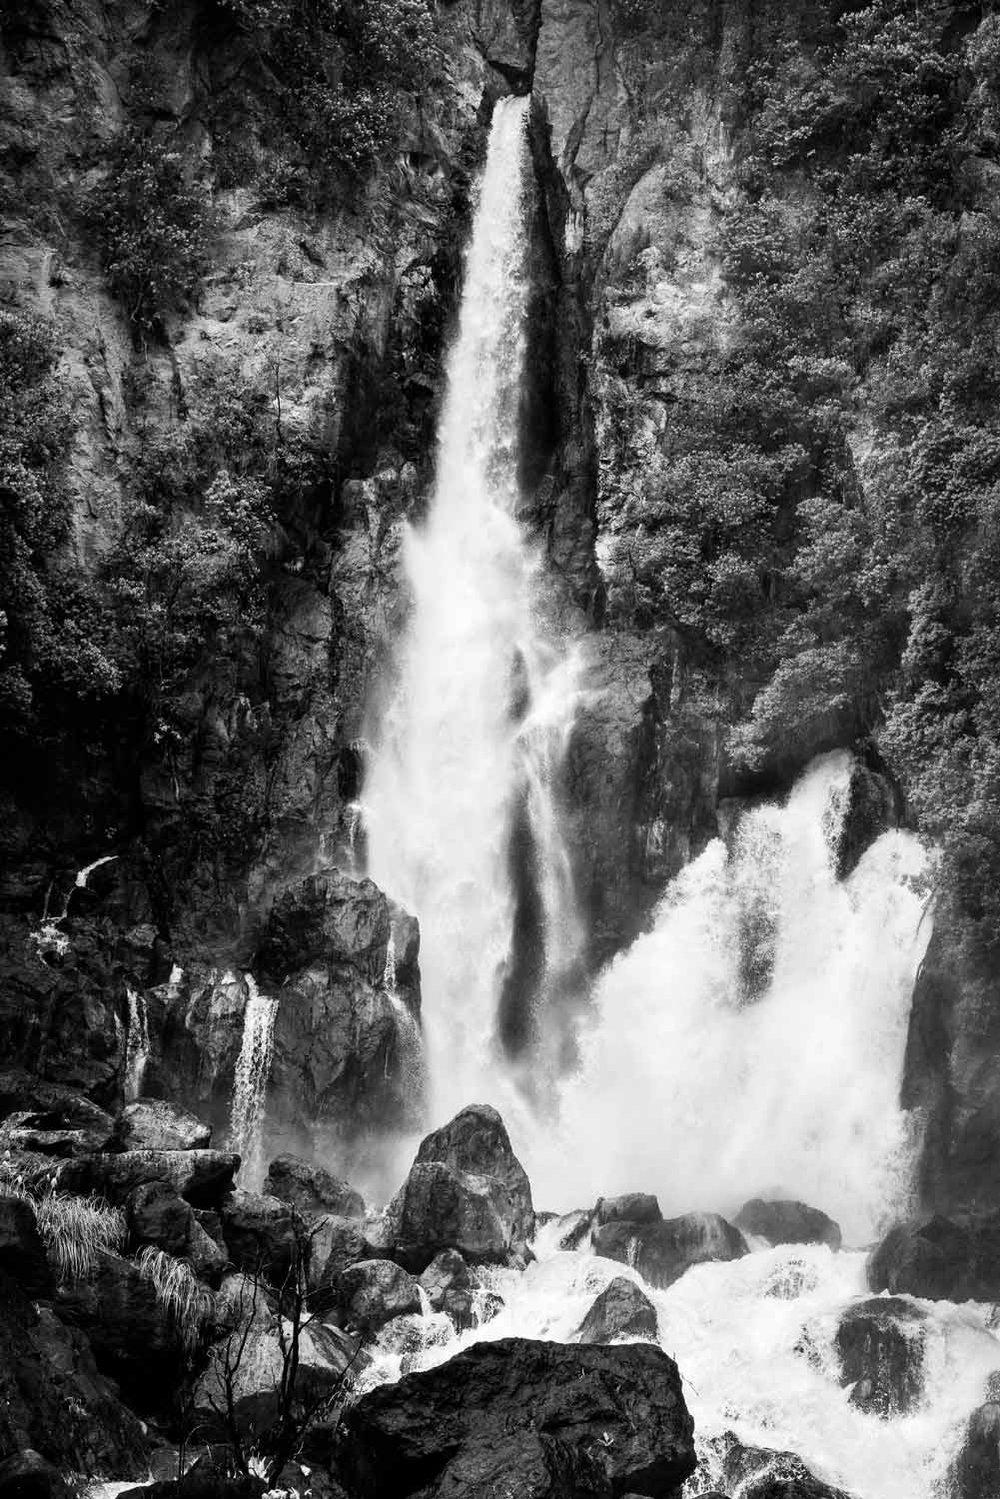 Tarawera-Falls-Rock_8019-small.jpg